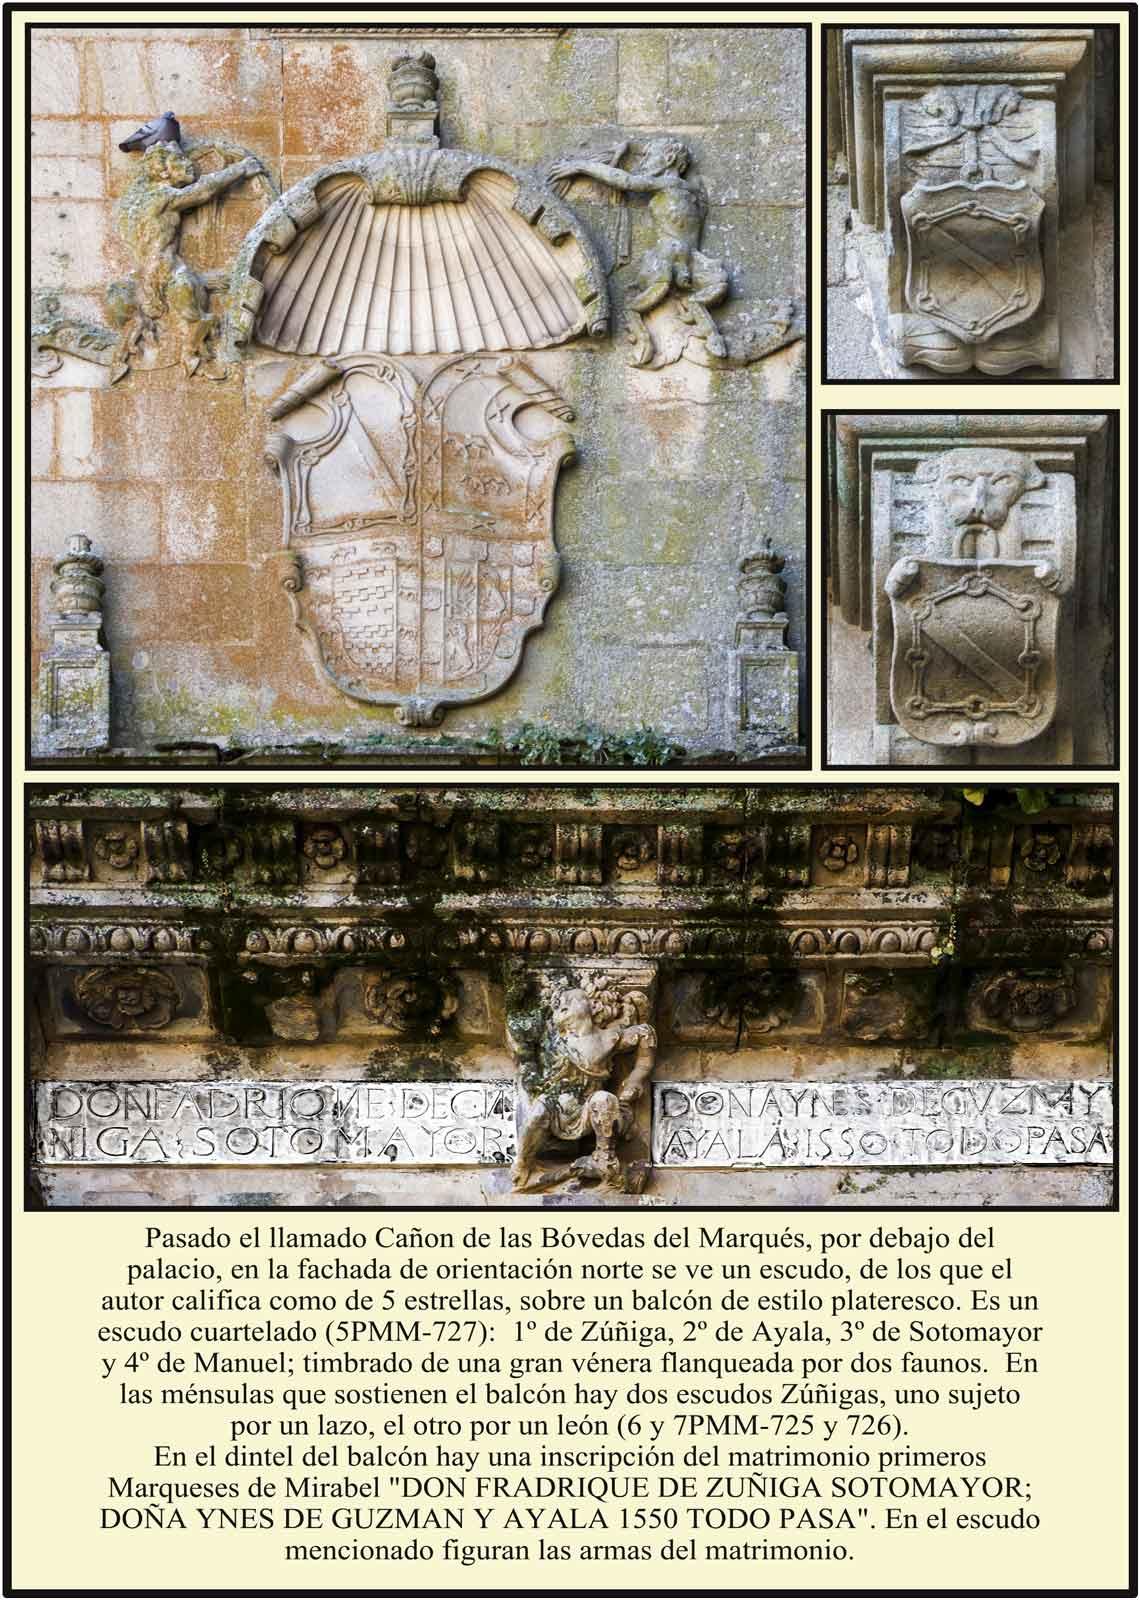 Escudo Zúñiga Ayala Sotomayor Manuel Balcon en el Cañon de las Bóvedas del Marqués